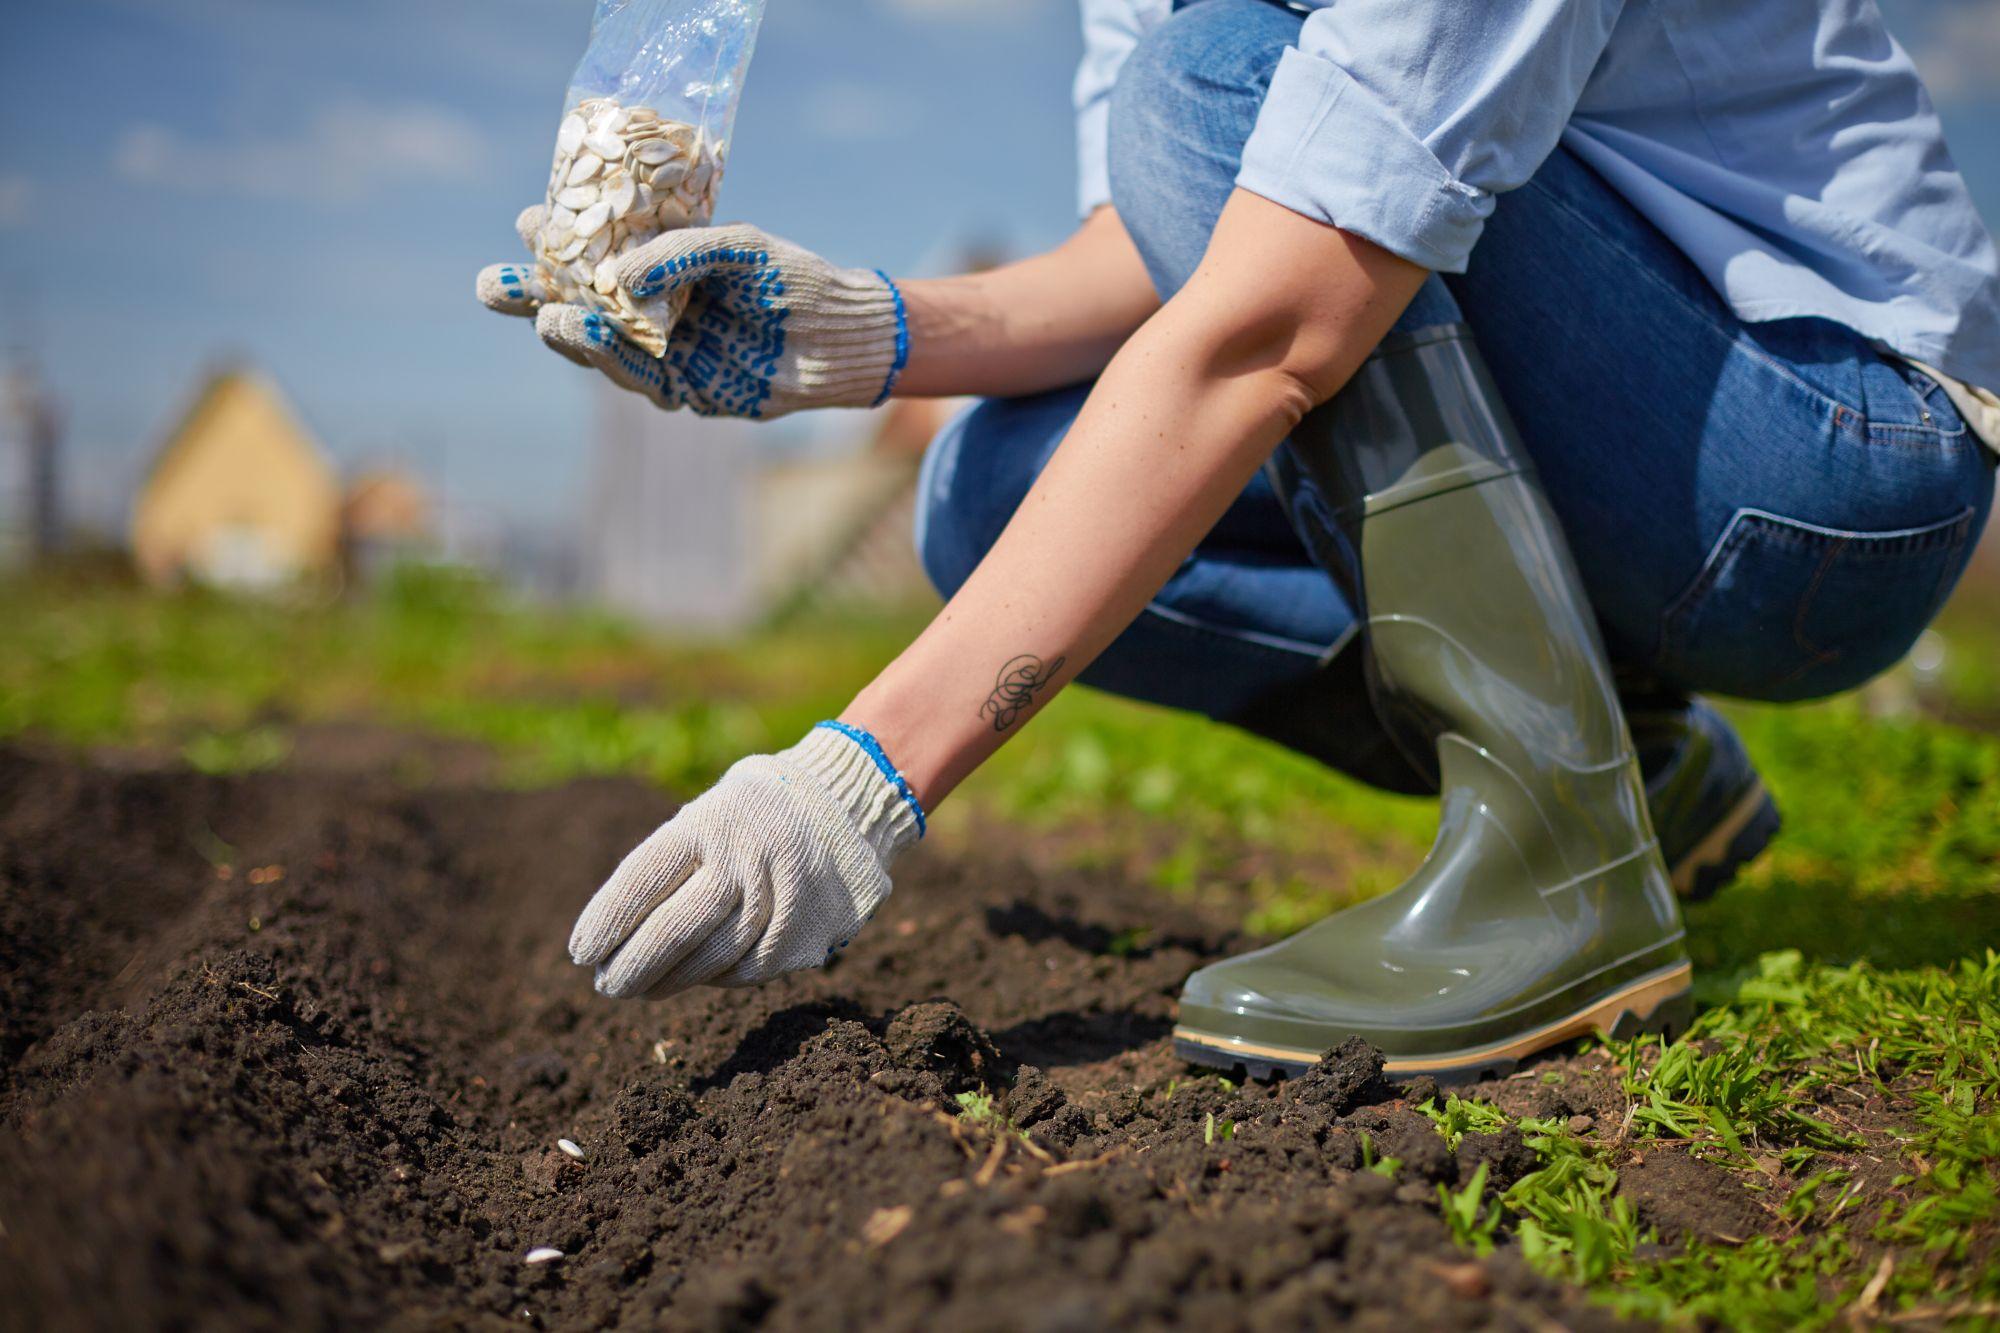 work-in-the-garden-PJZ4CHC